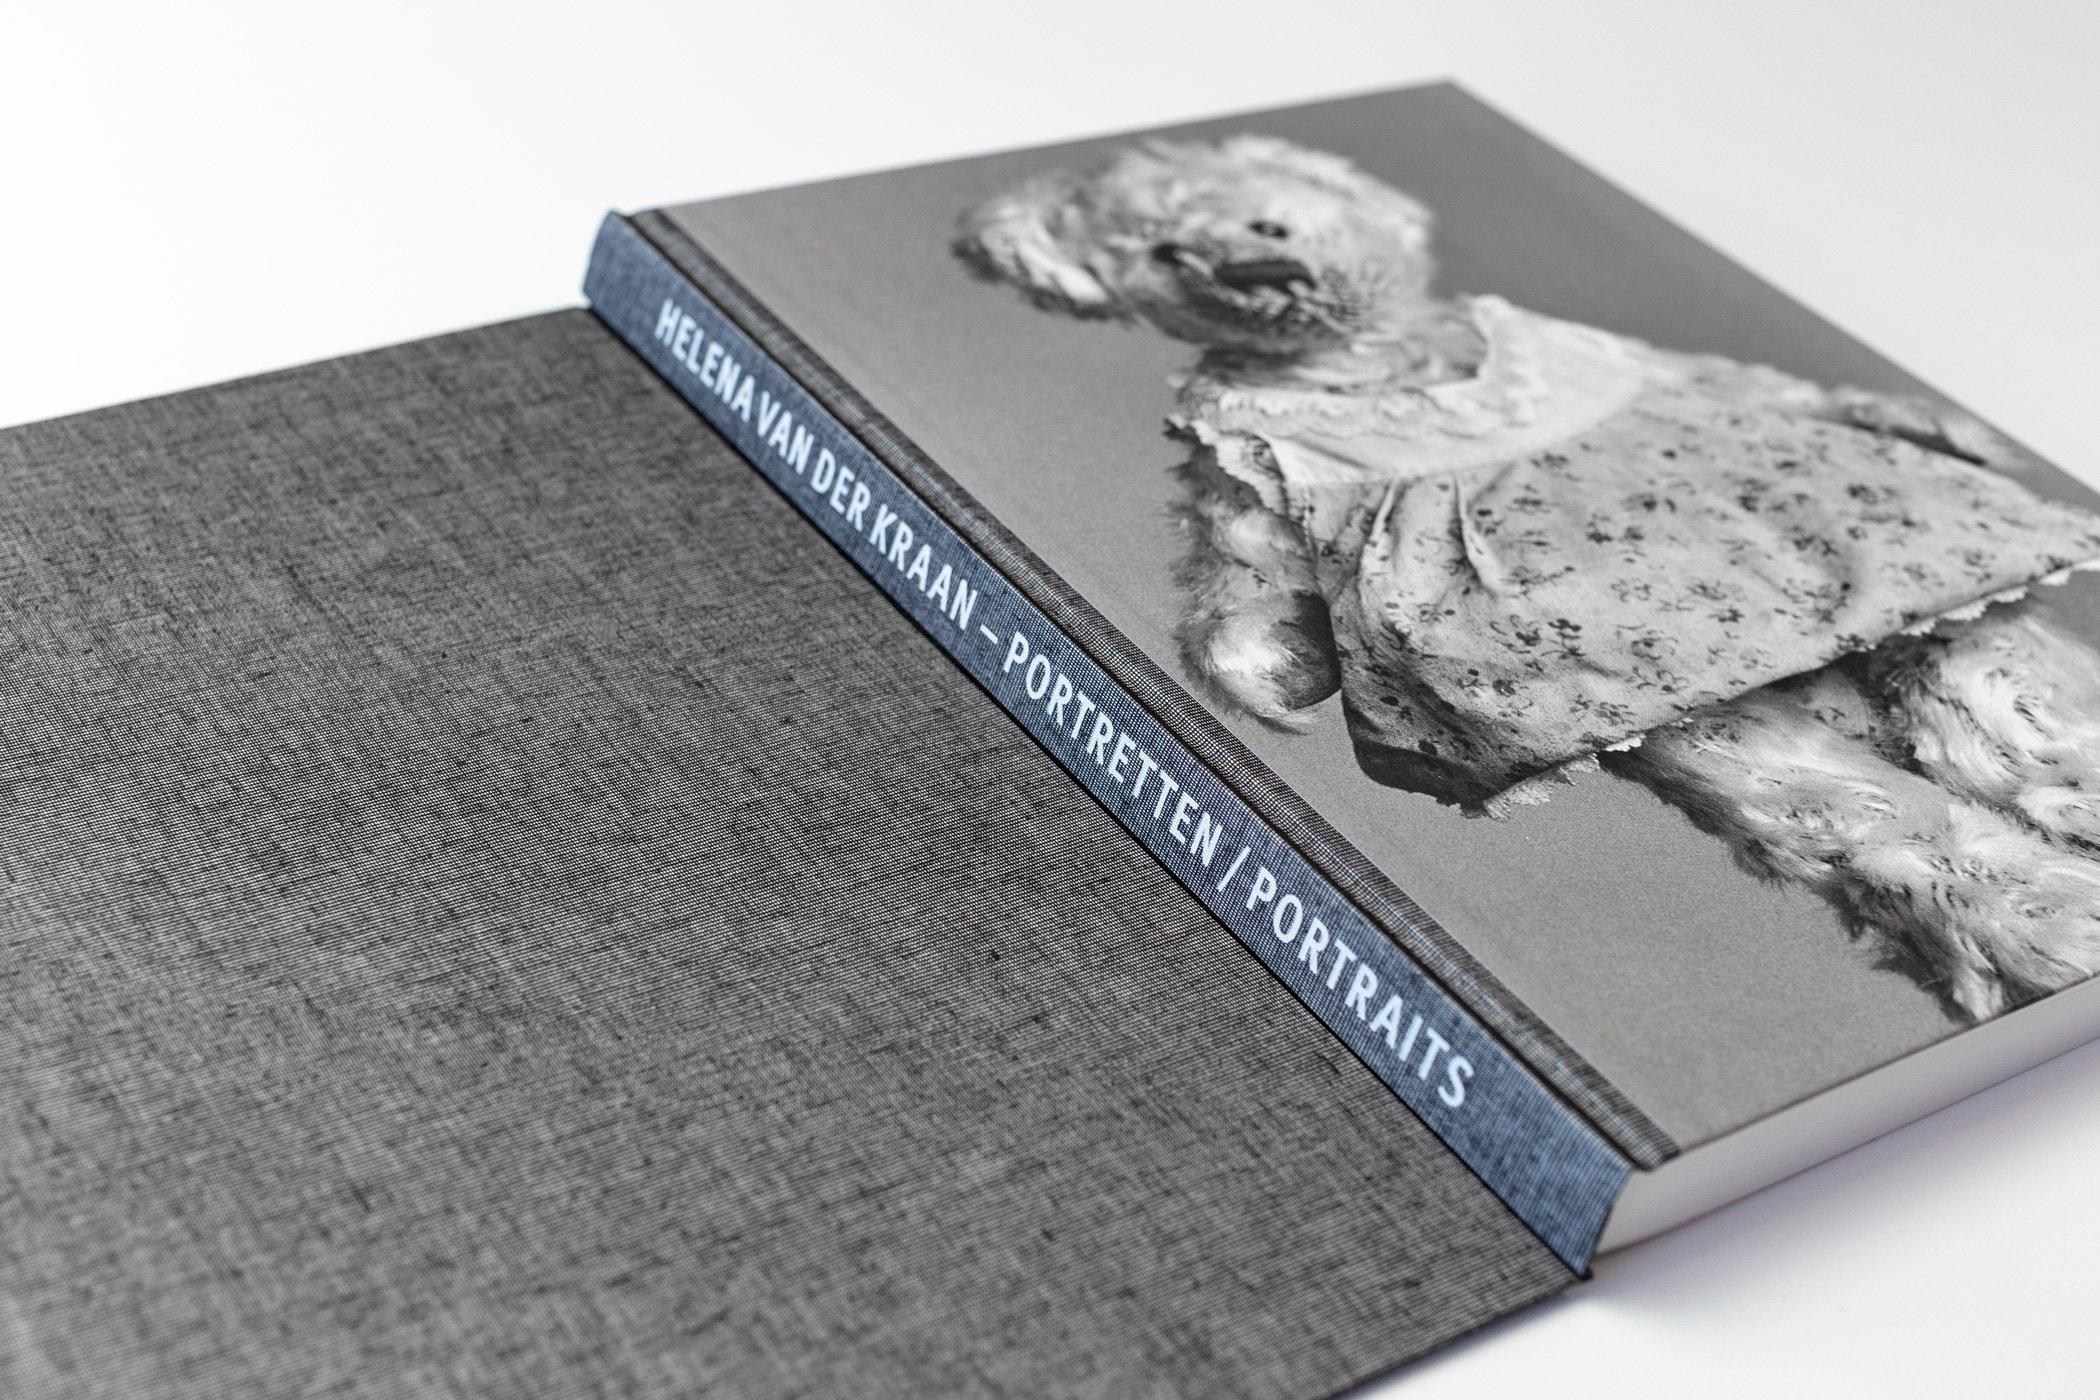 De Monsterkamer - Helena van der Kraan: Portretten/Portraits